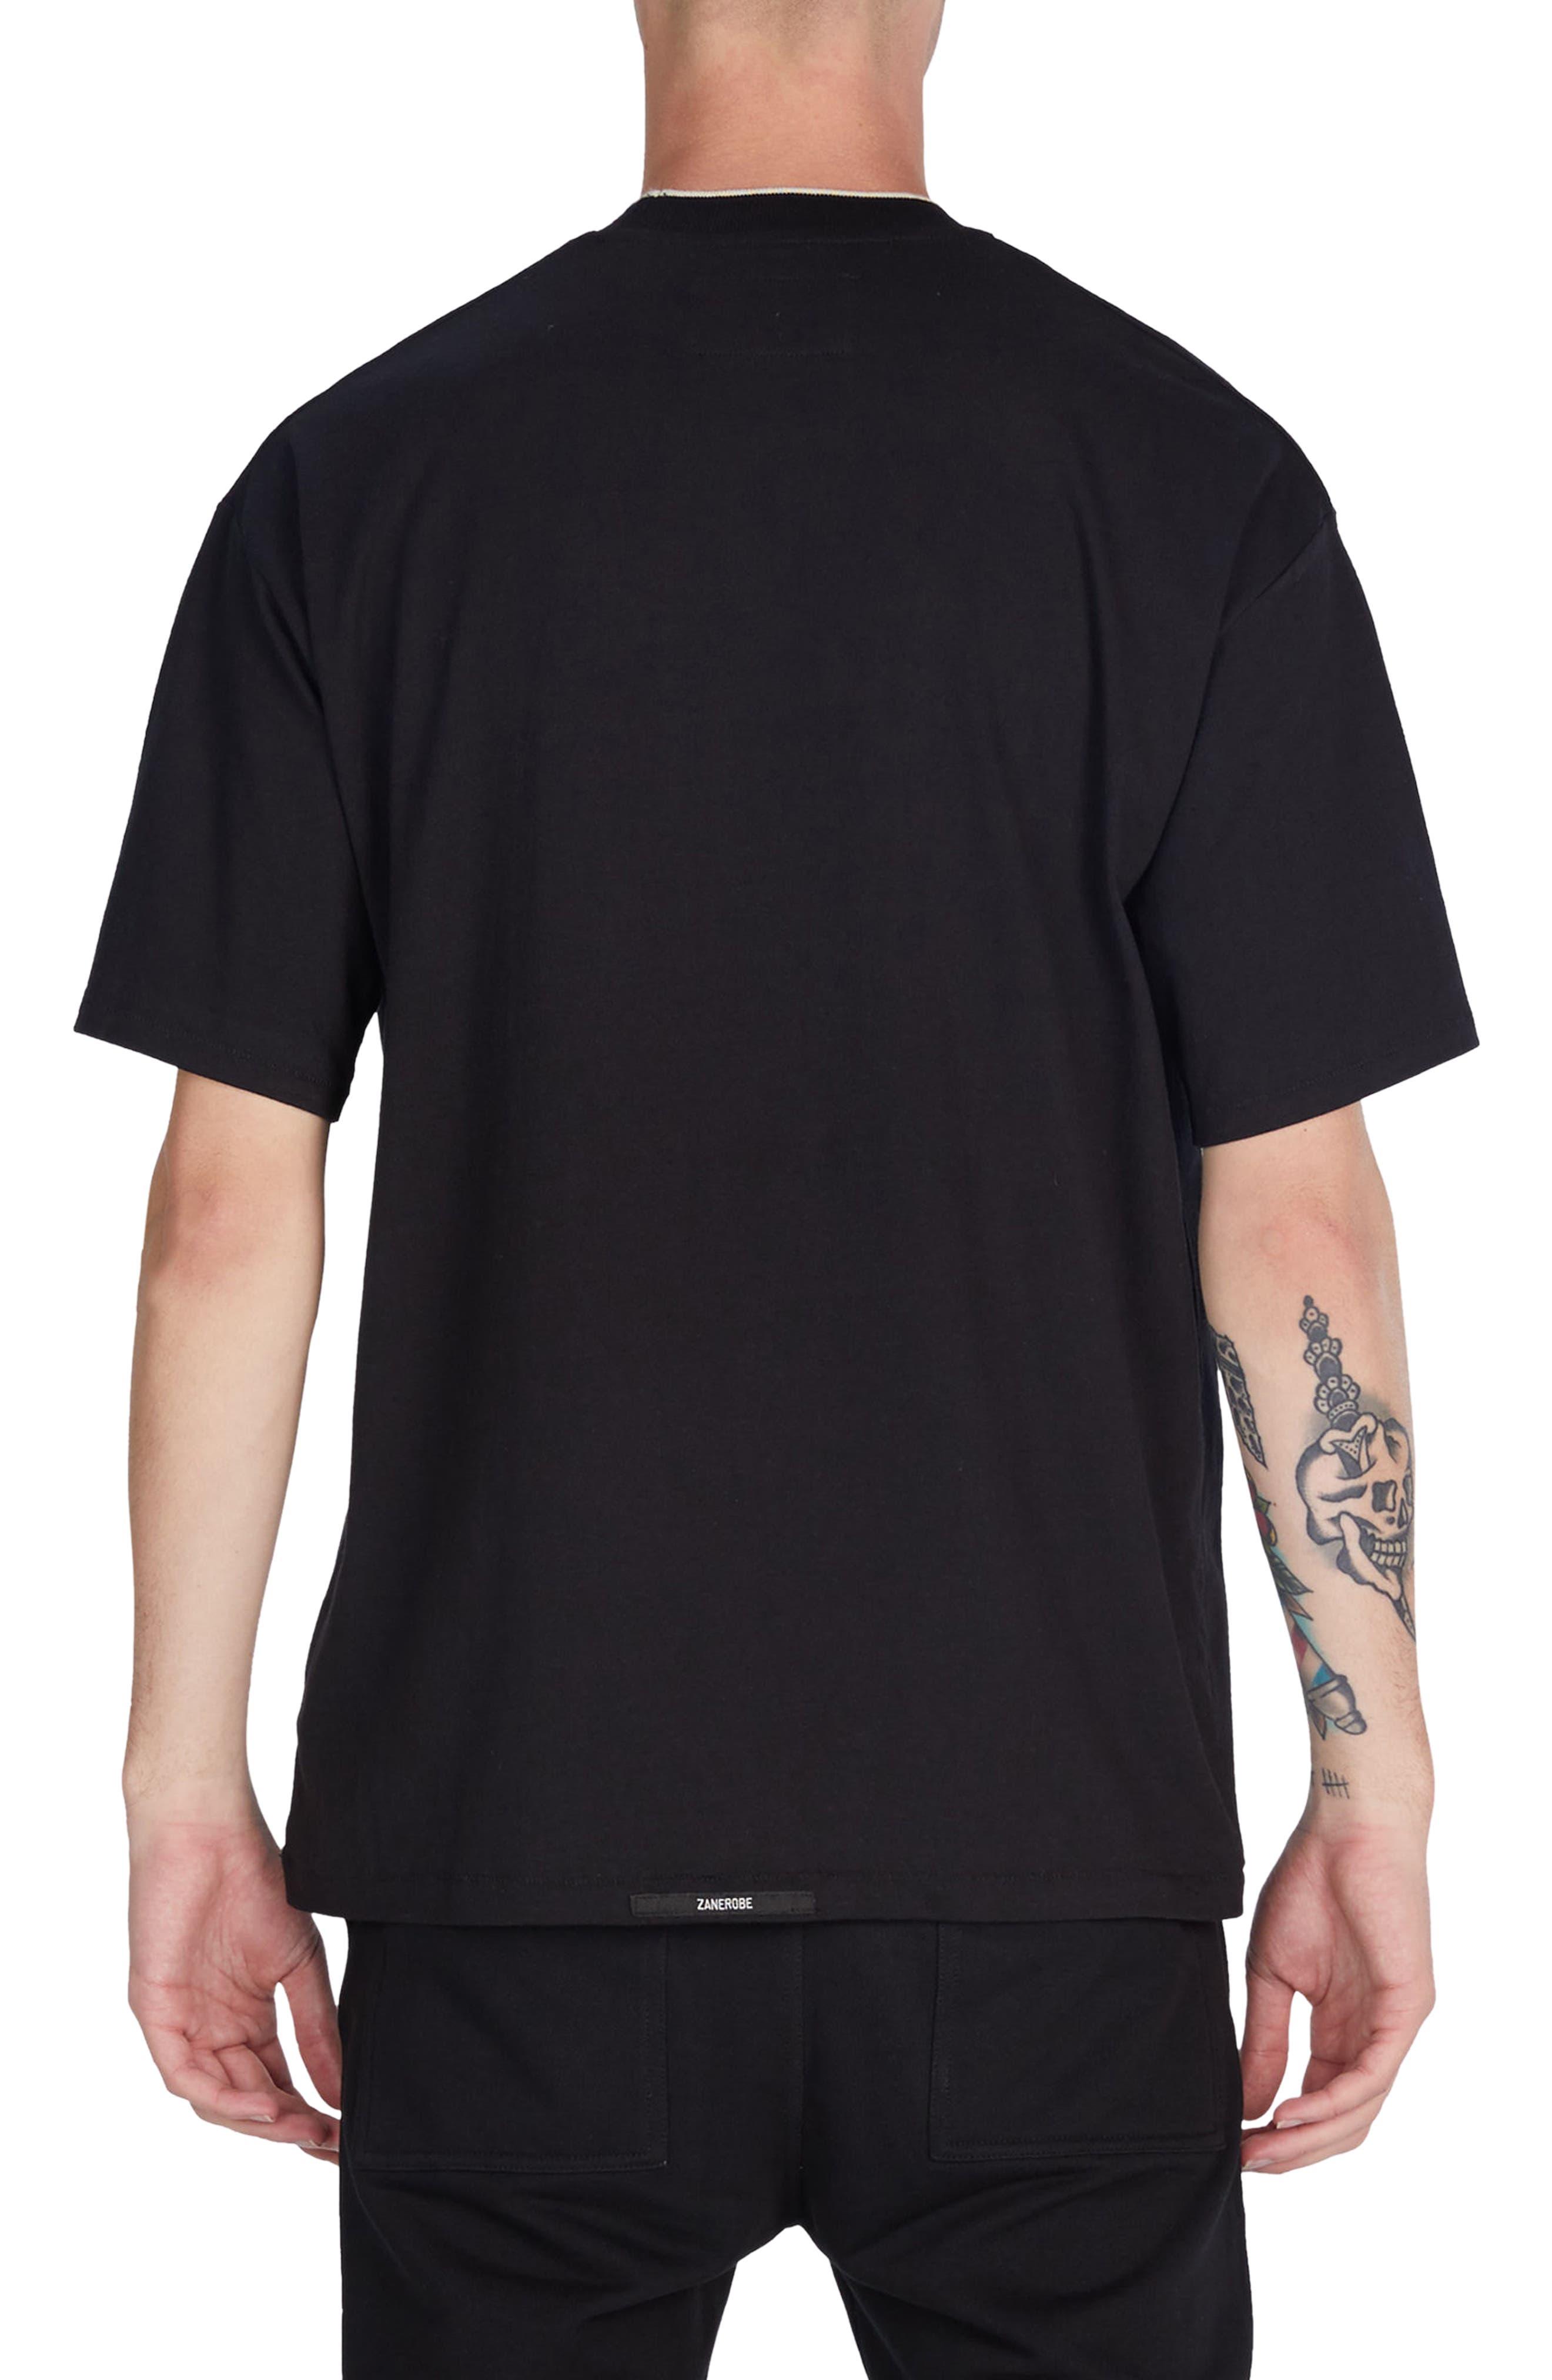 Tip Box T-Shirt,                             Alternate thumbnail 2, color,                             Black